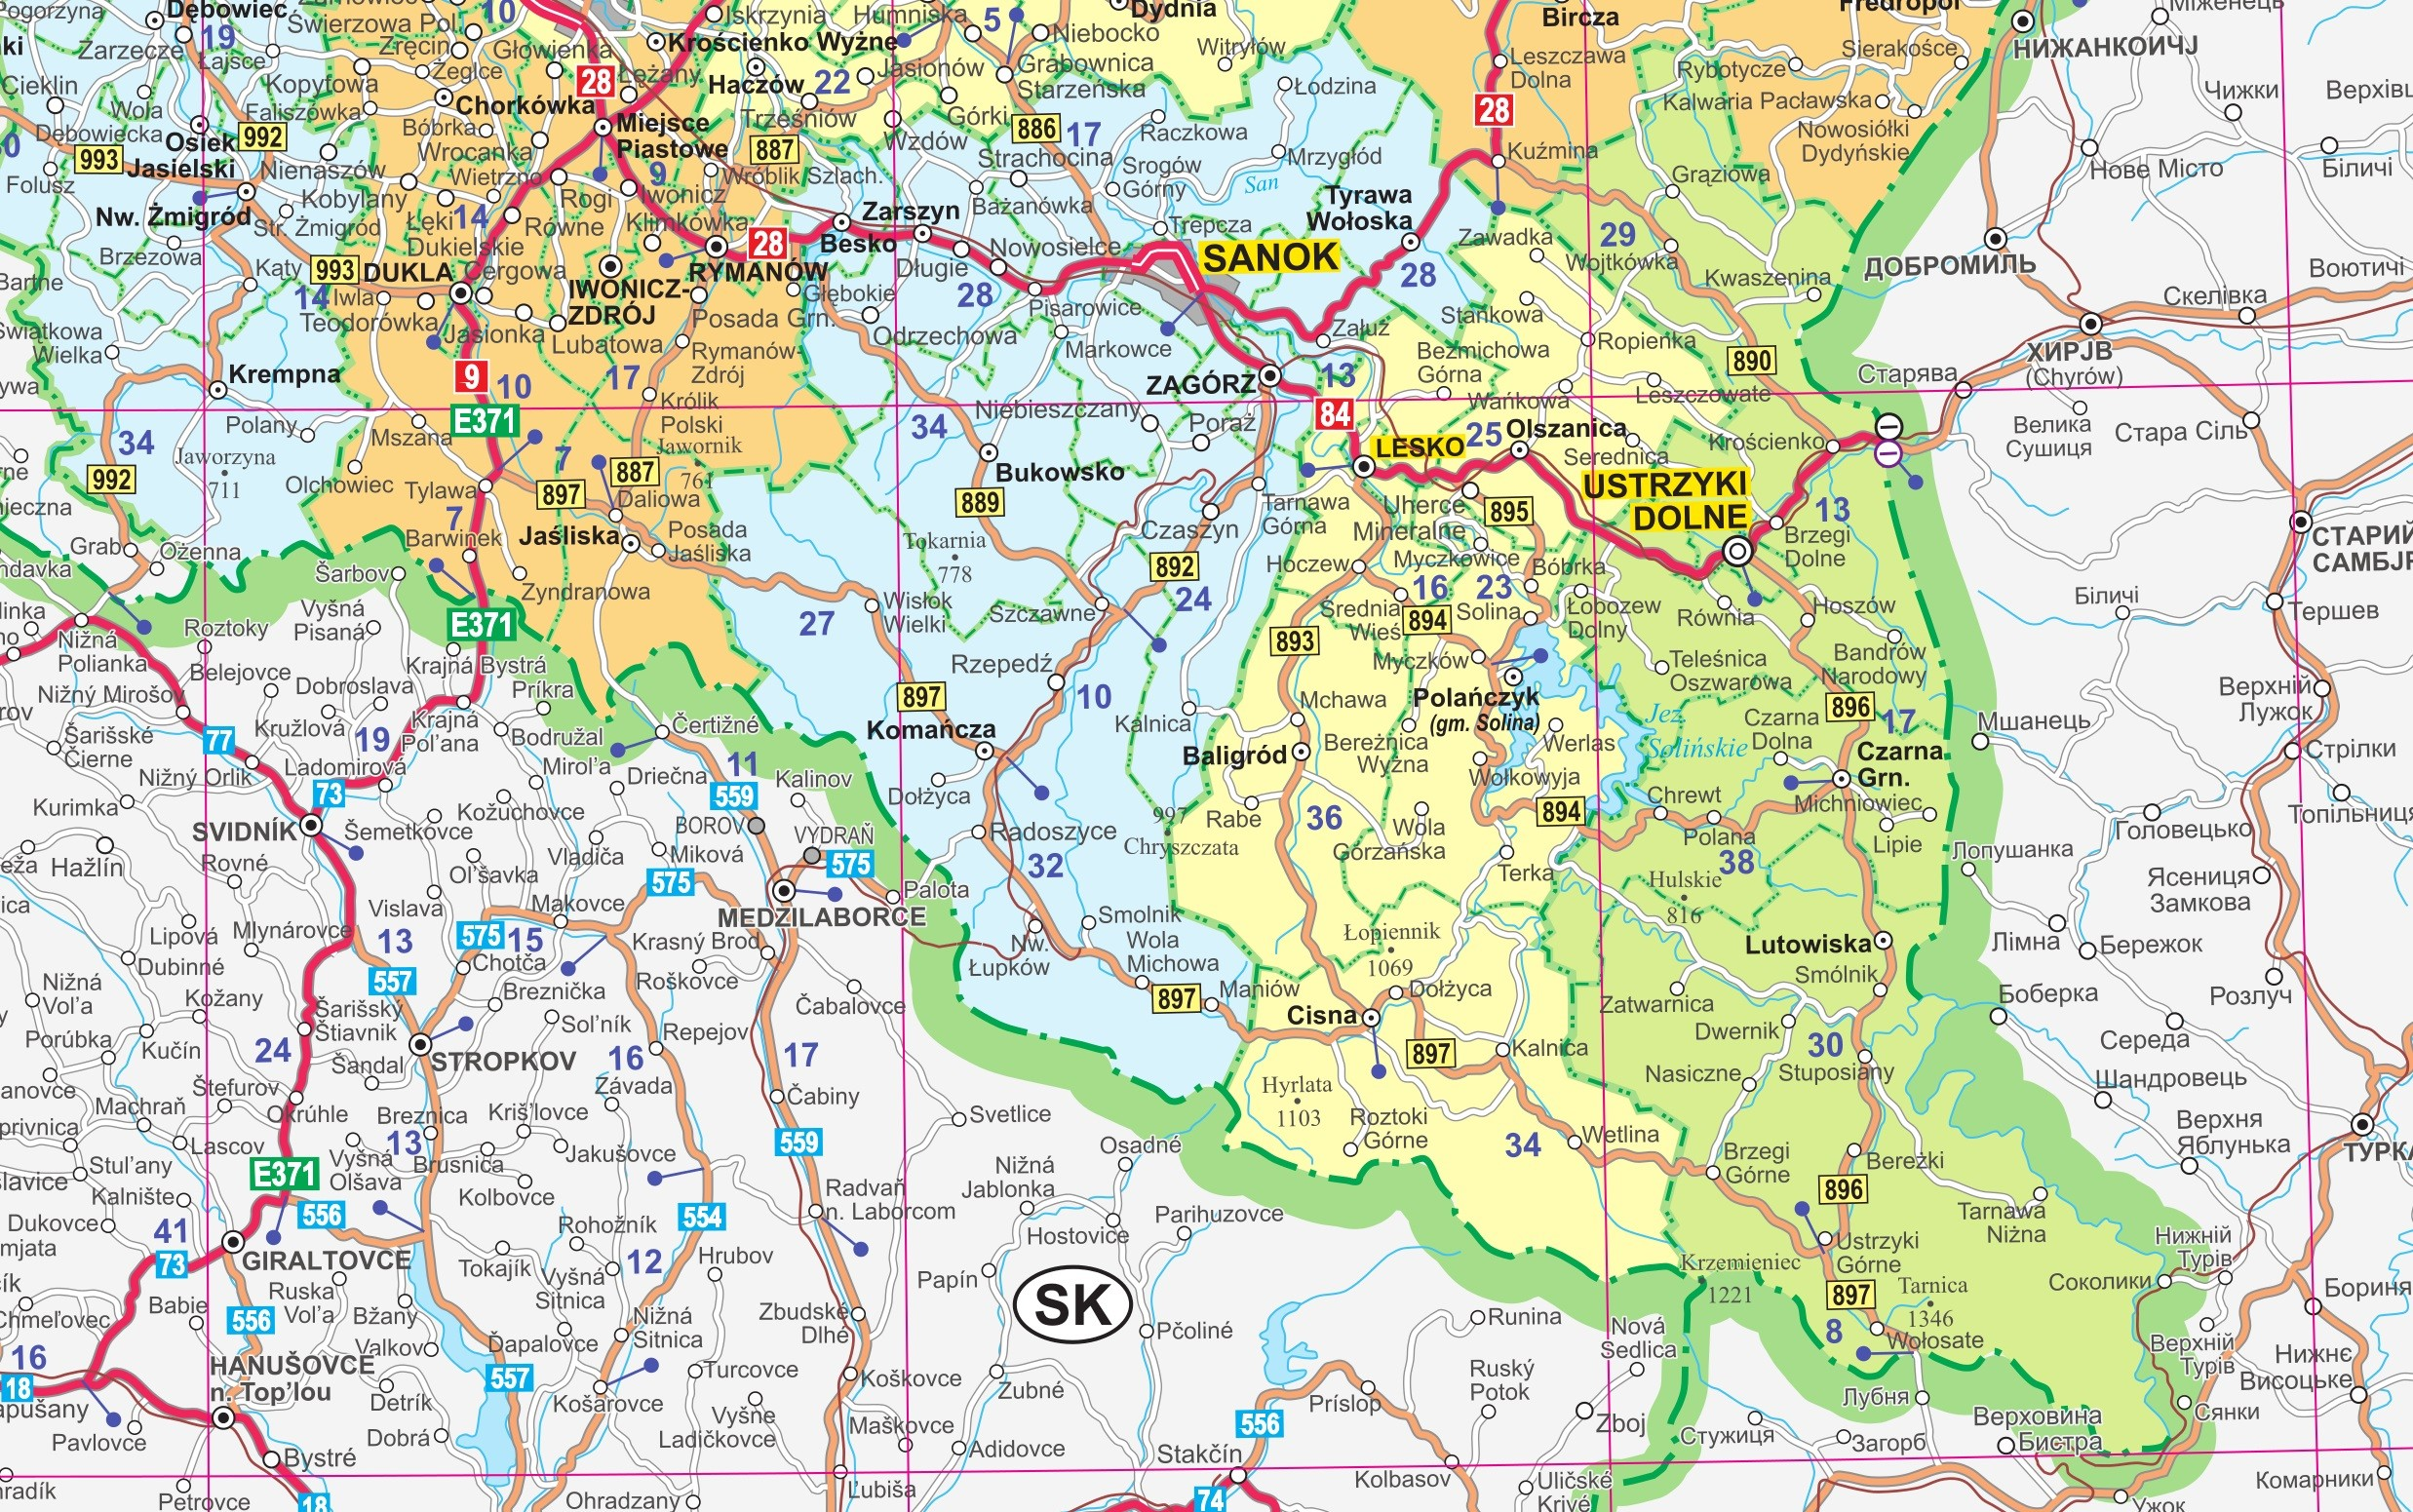 Mapa Scienna Woj Podkarpackiego 1 200 000